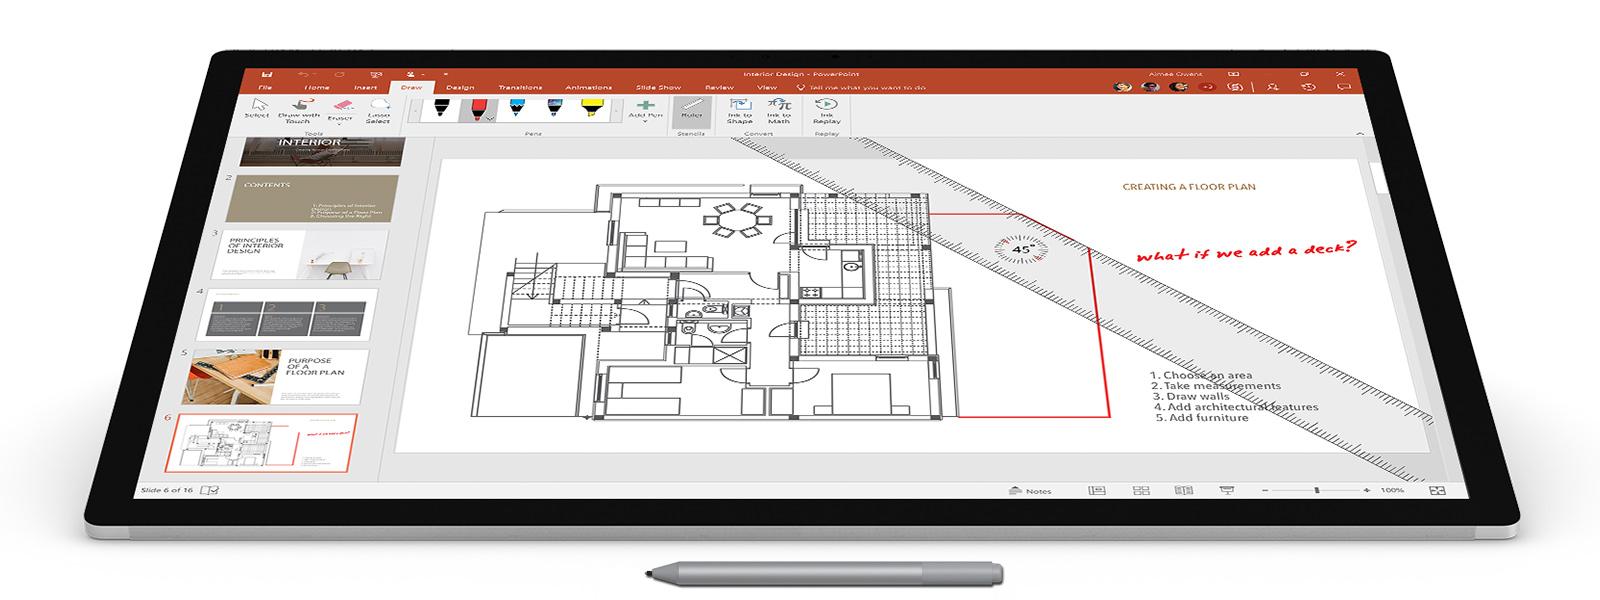 包含 Surface 触控笔、注释和屏幕标尺的设计建筑平面图的屏幕截图